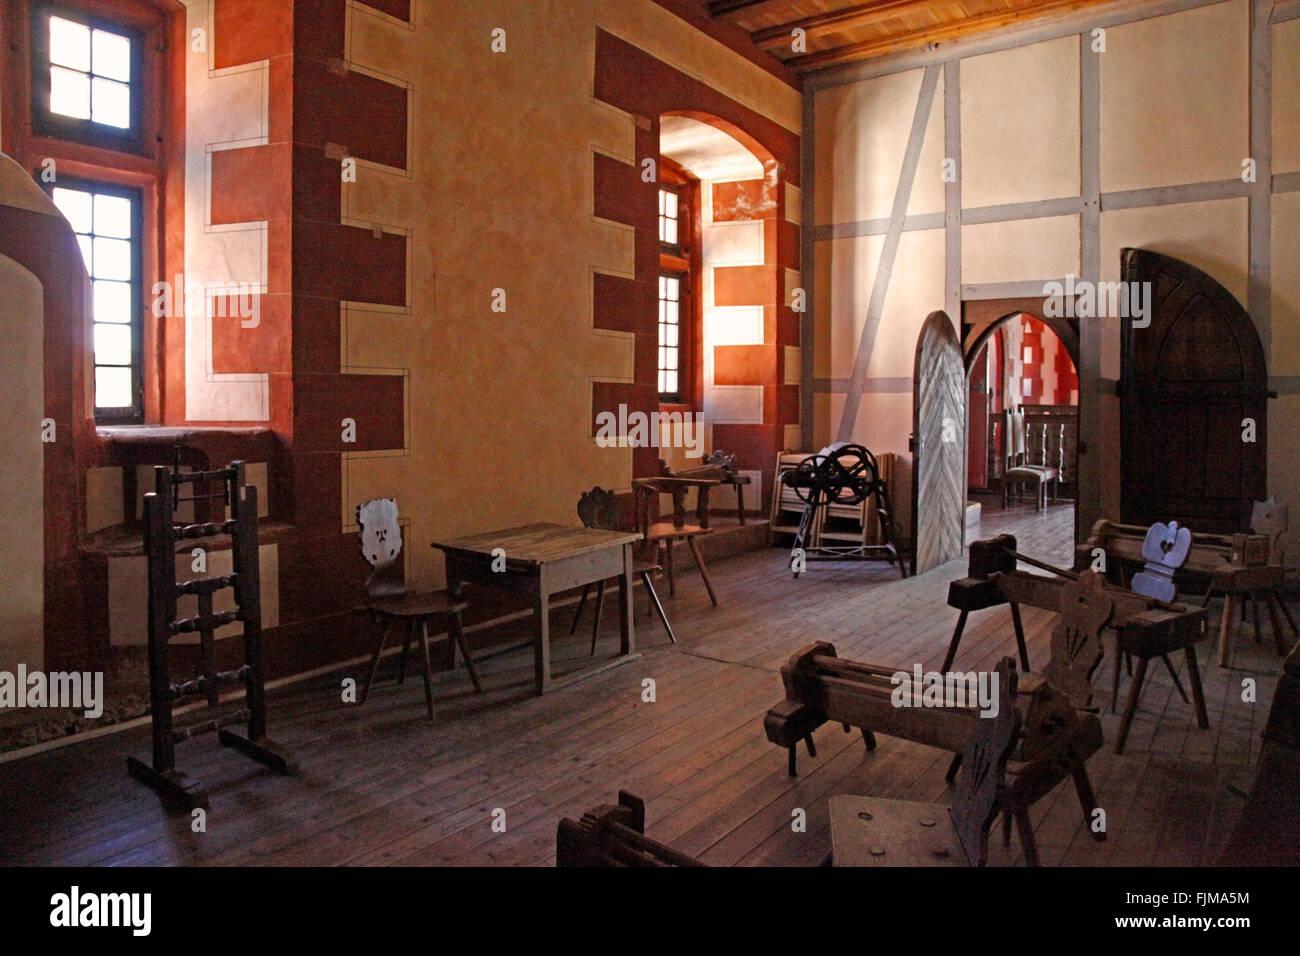 Géographie / voyage, Allemagne, Hesse, paysages, Ronneburg Château, vue de l'intérieur, meubles Photo Stock